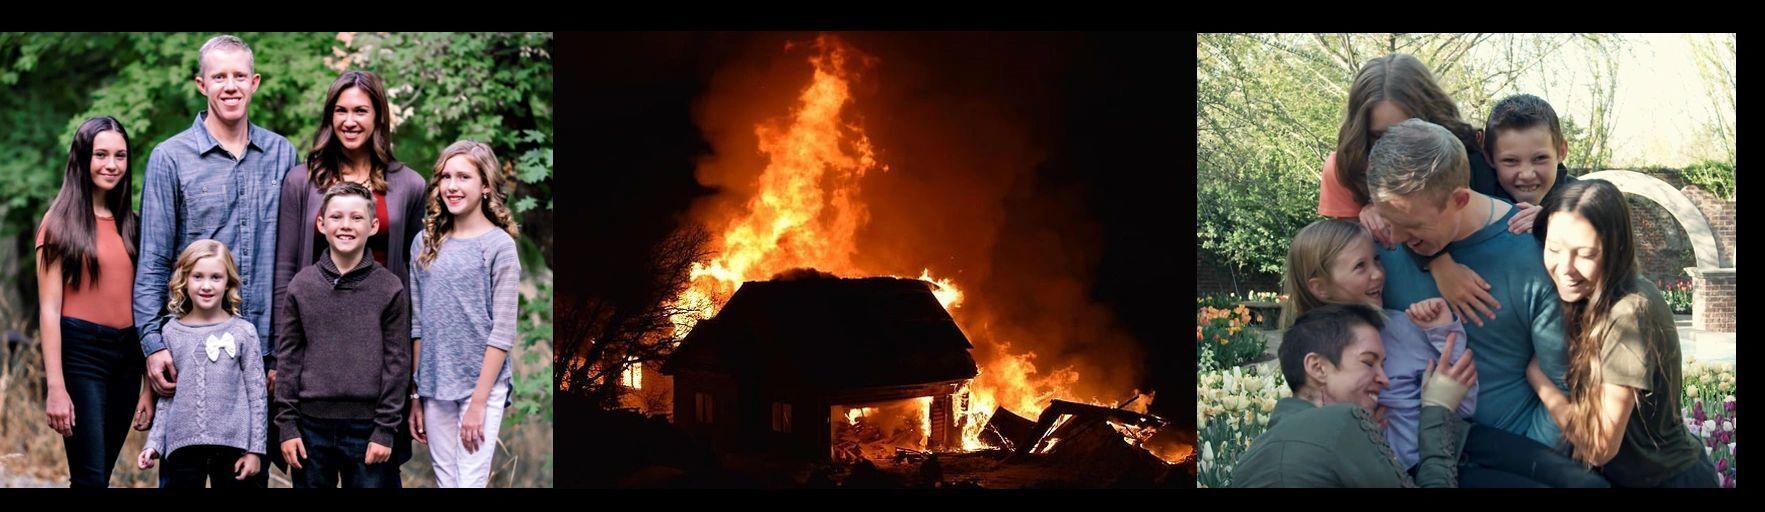 Lori Walker - Cabin Explosion